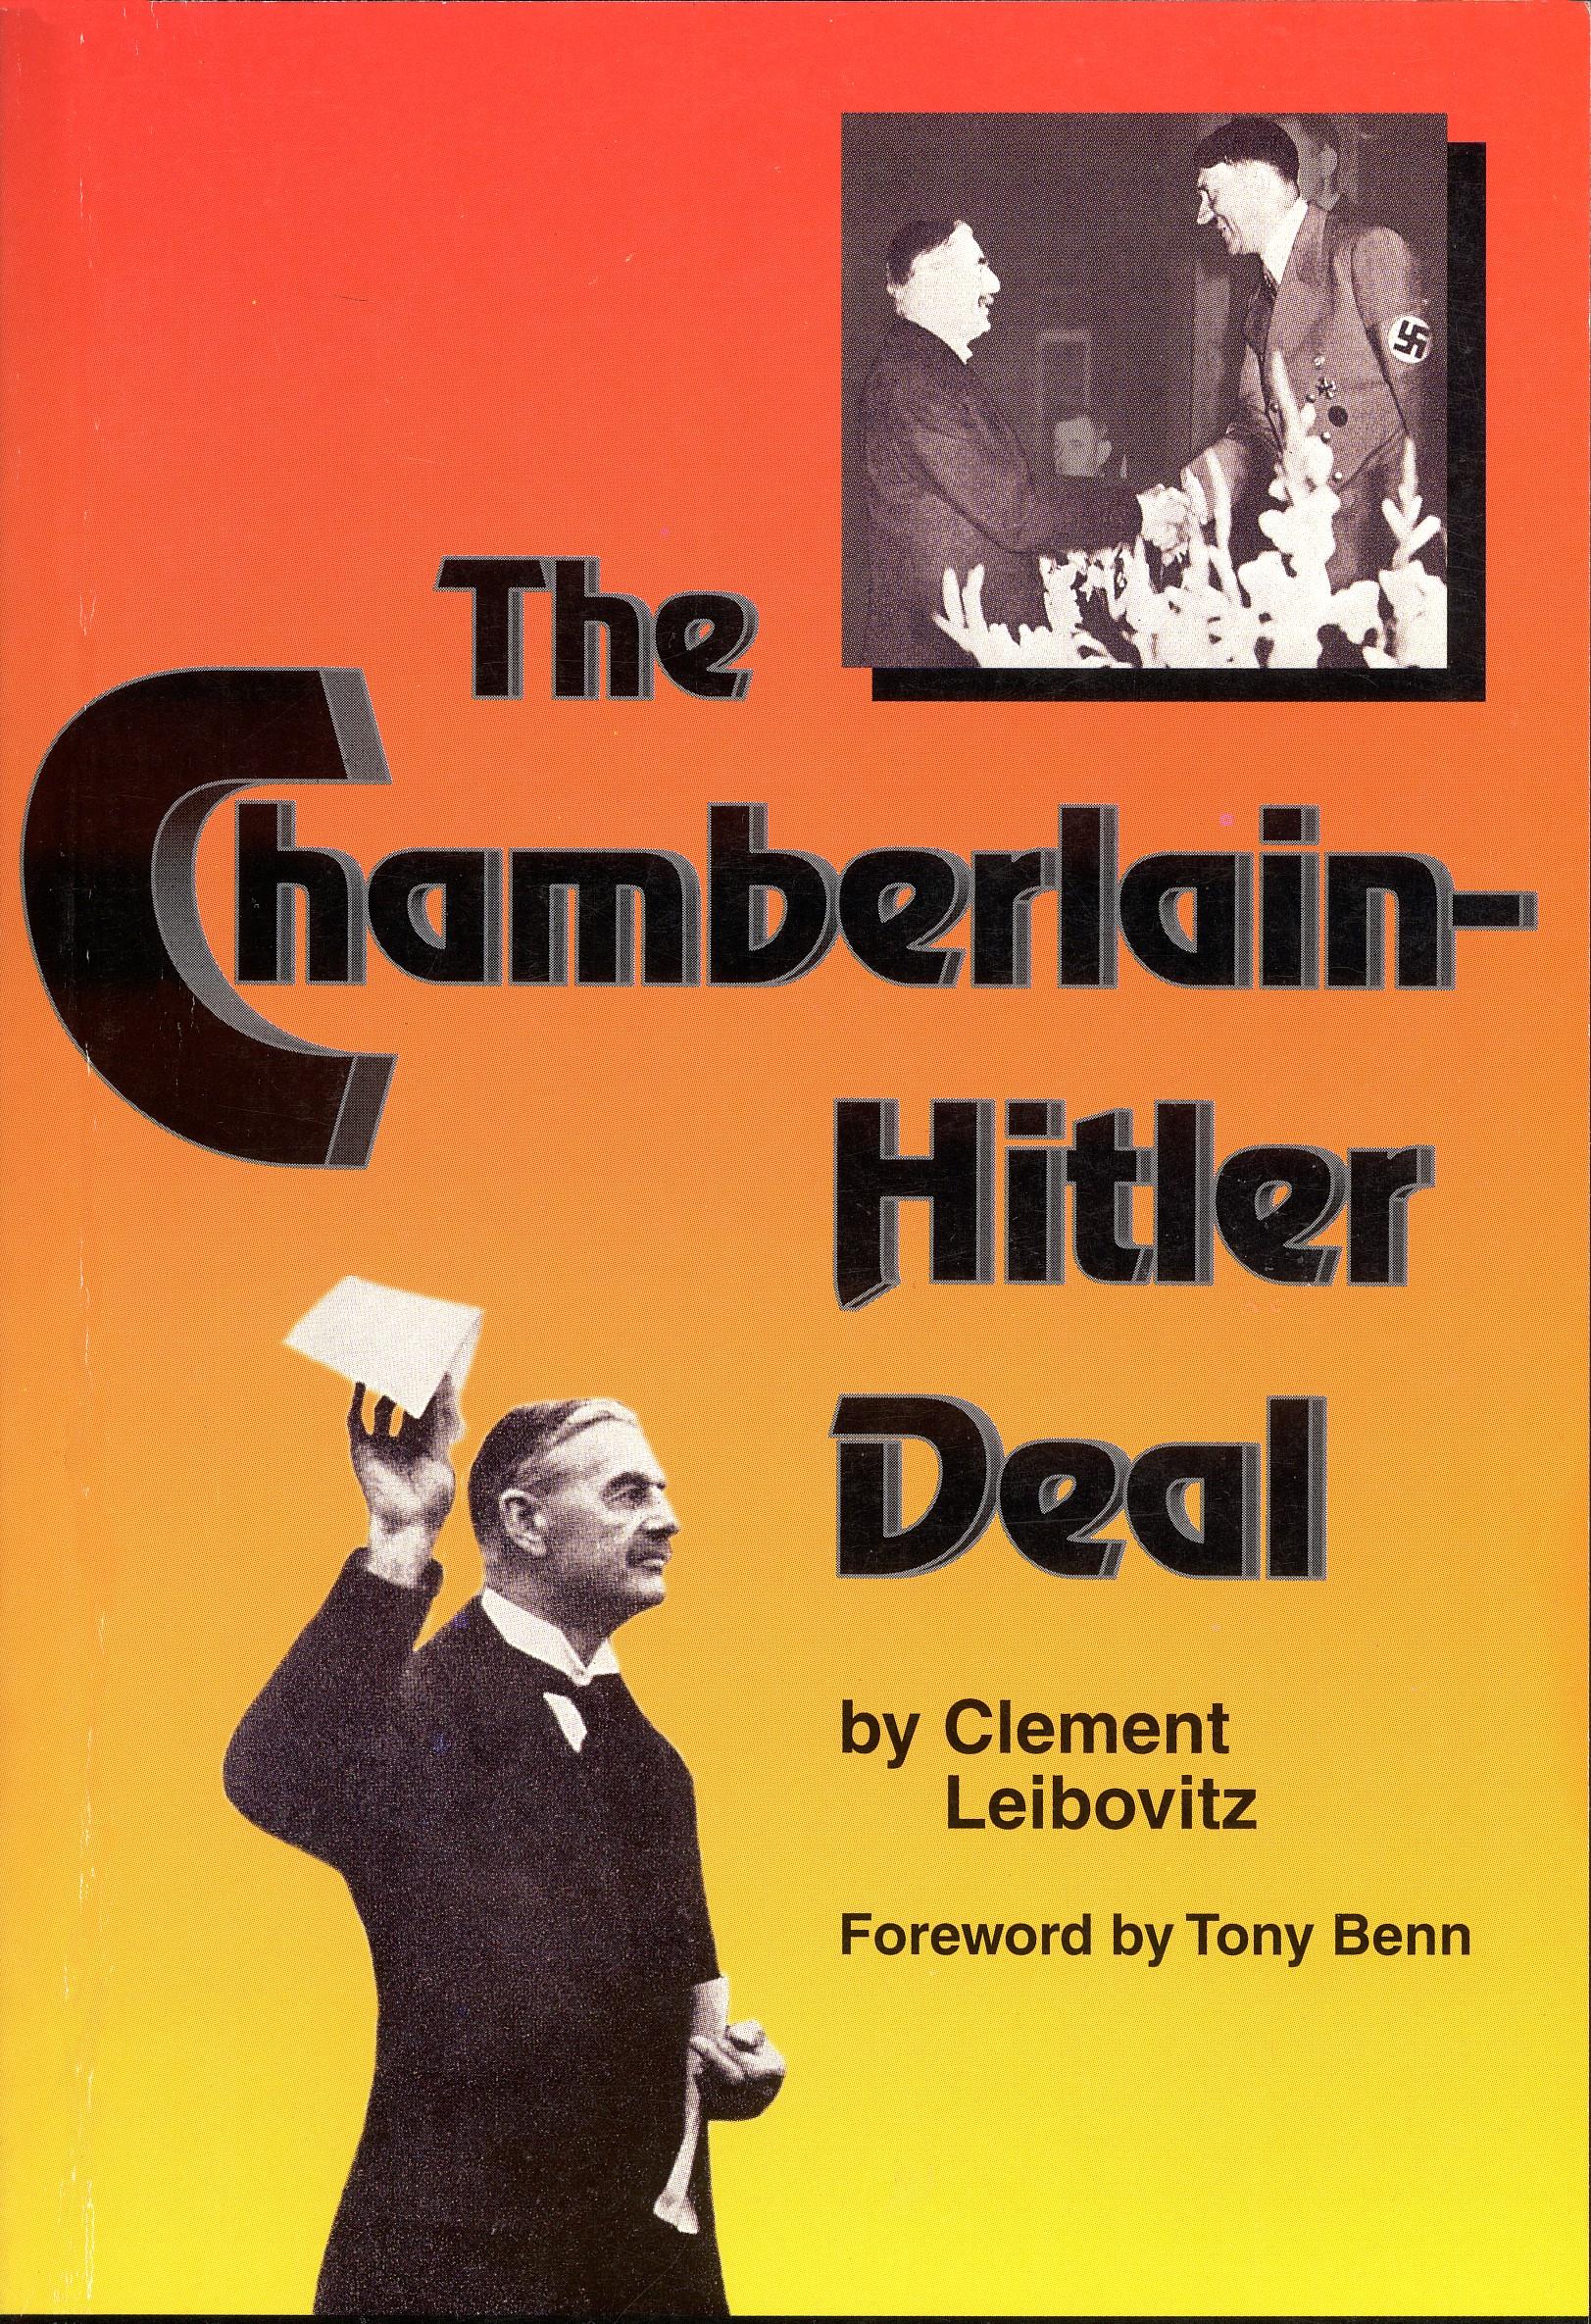 http://cleibovitz.upwize.com/images/Chamberlain-Hitler%20Deal%20(Front).jpg